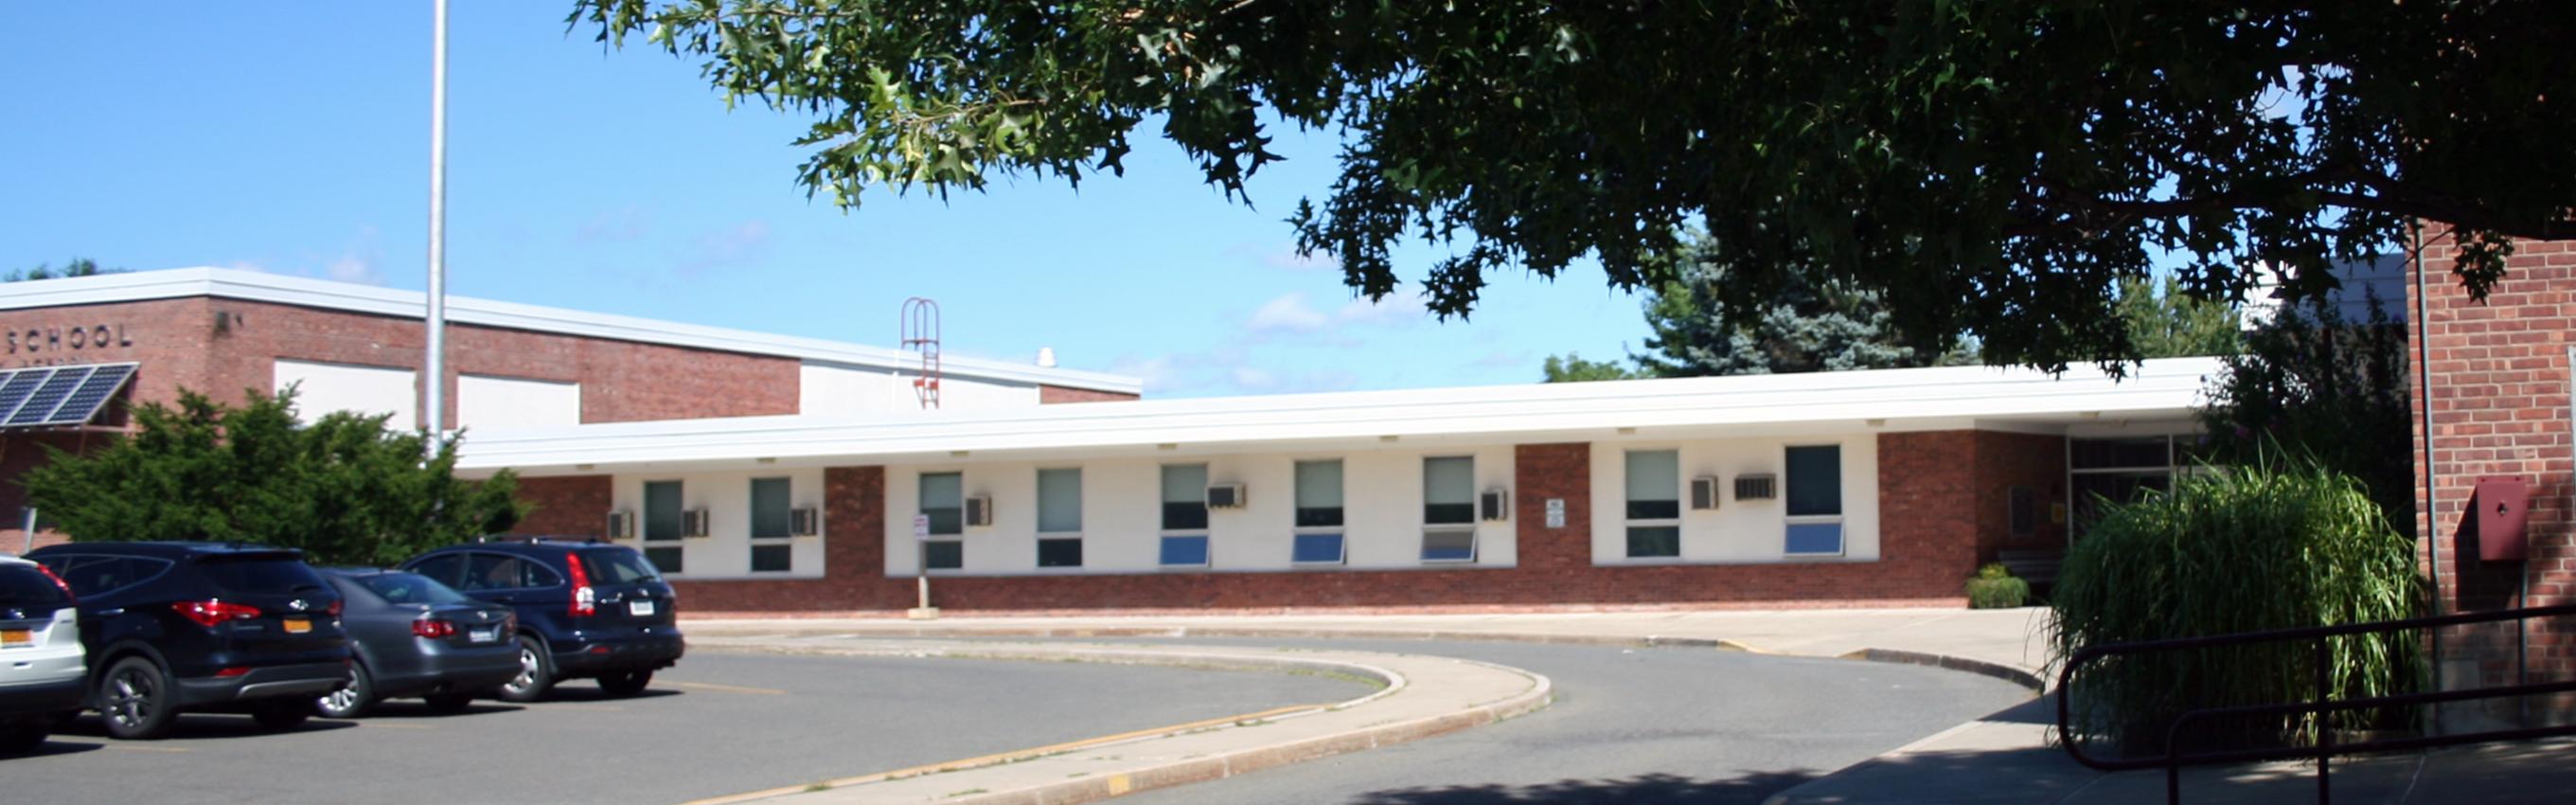 Mary E. Dardess Elementary School